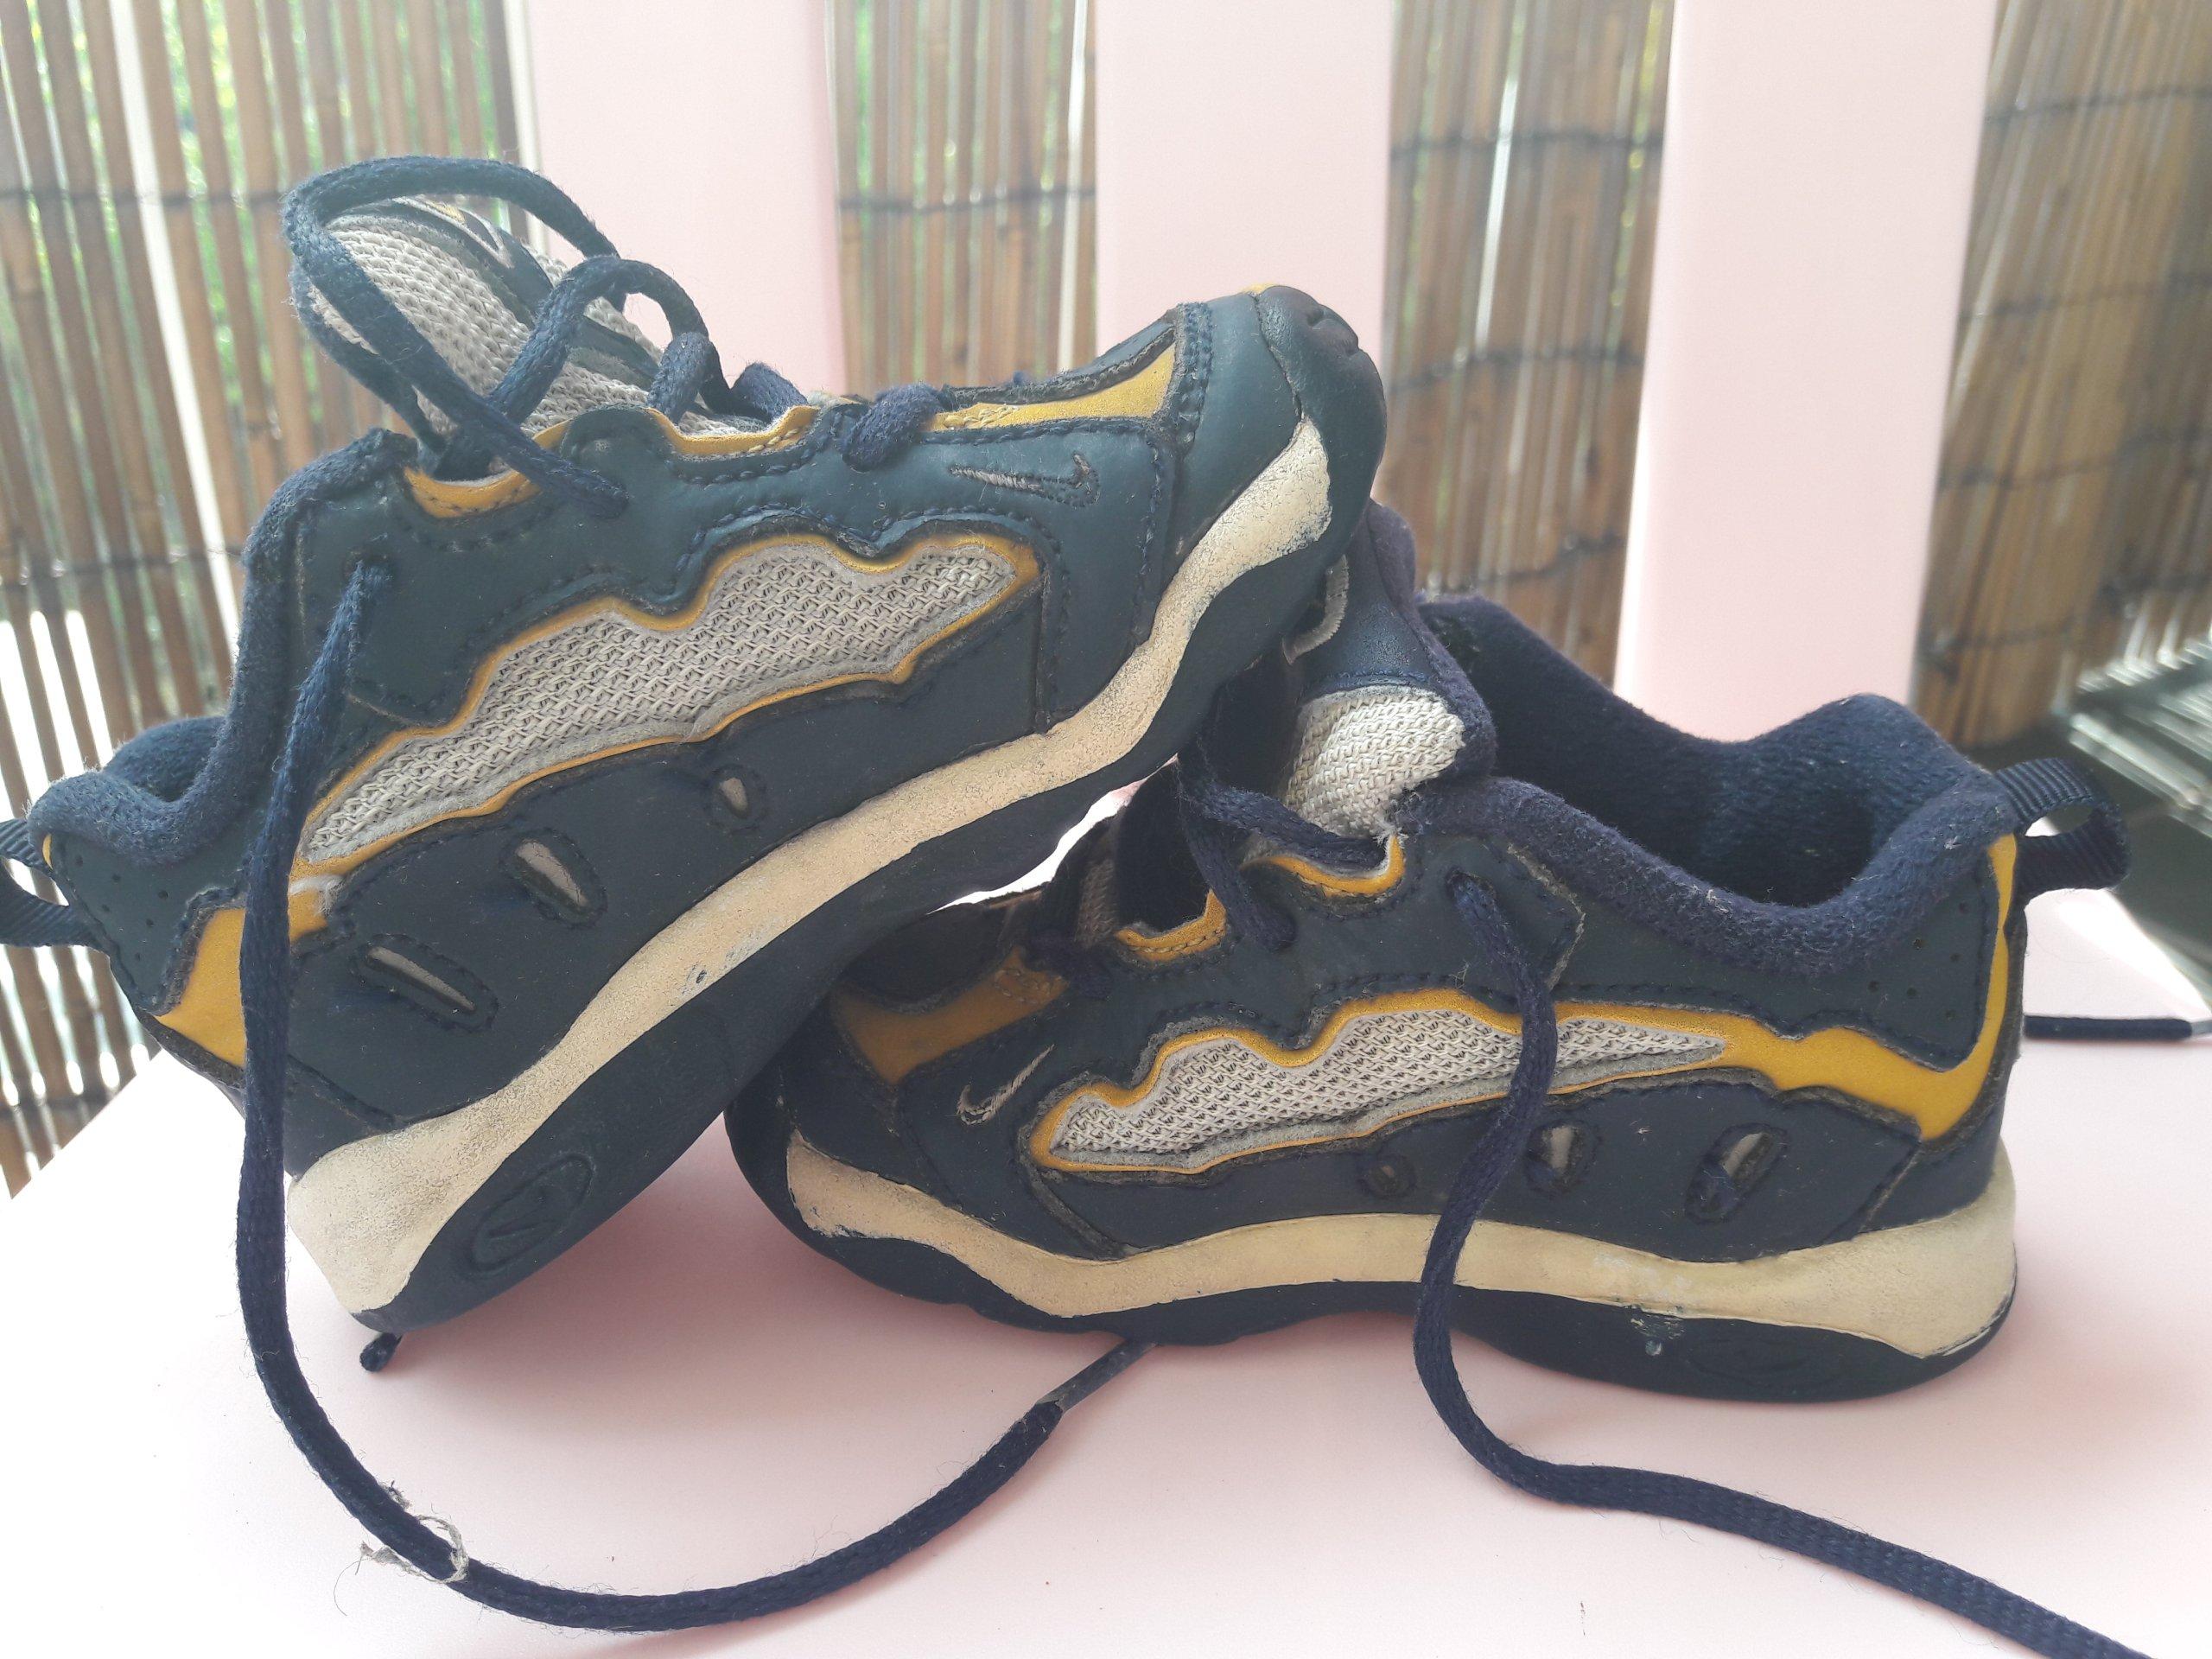 dea50ec2 buty chłopięce rozm. 22 - Nike - 7406708692 - oficjalne archiwum allegro